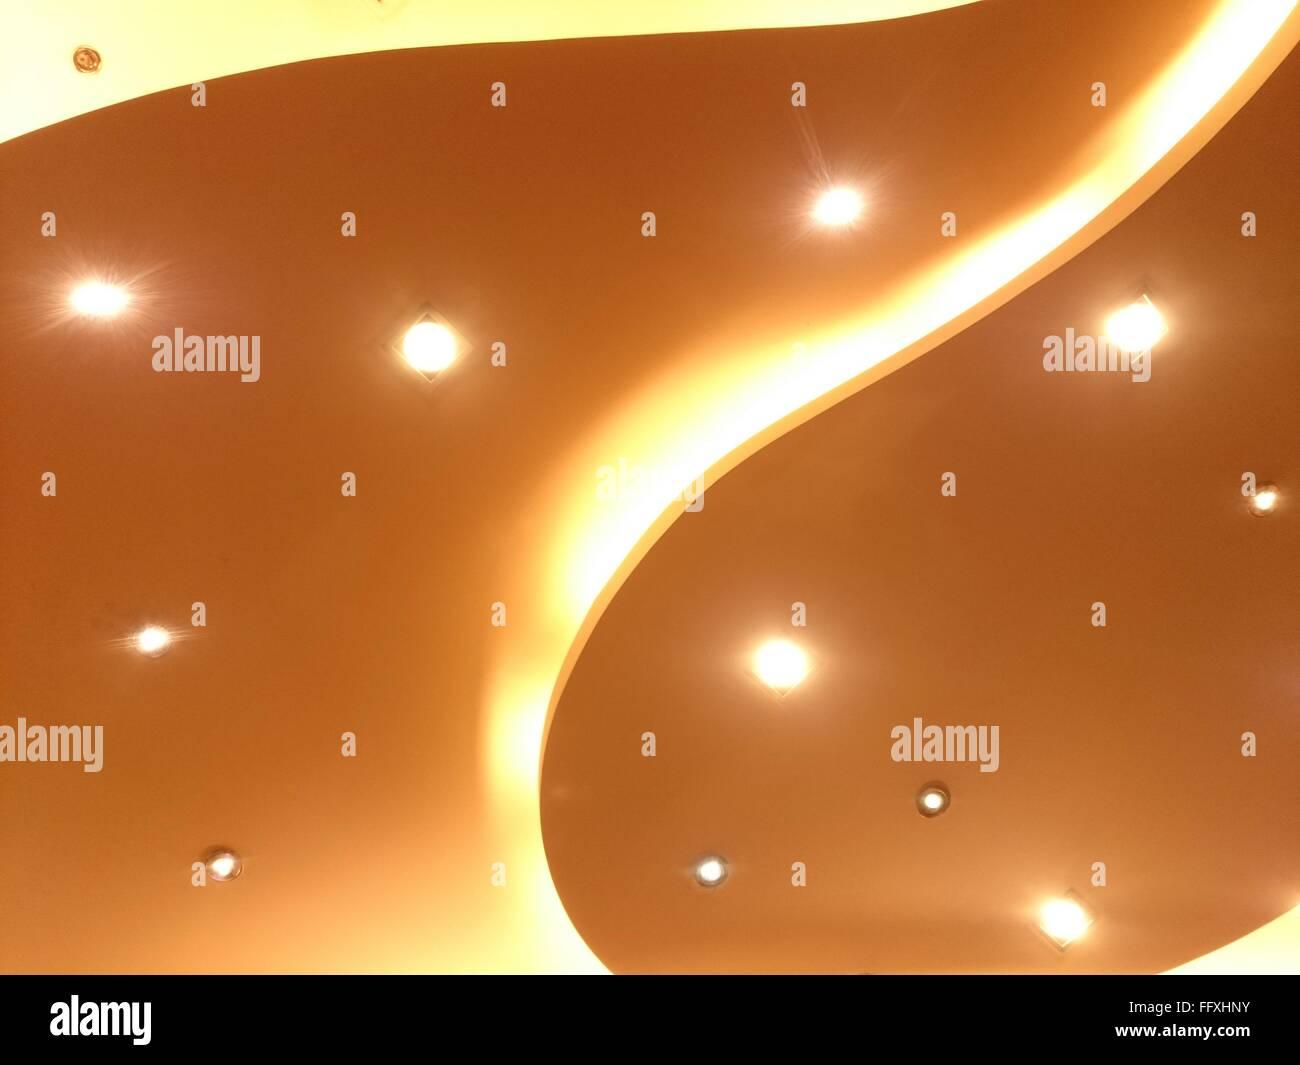 Full Frame Shot Of Recessed Light Ceiling - Stock Image